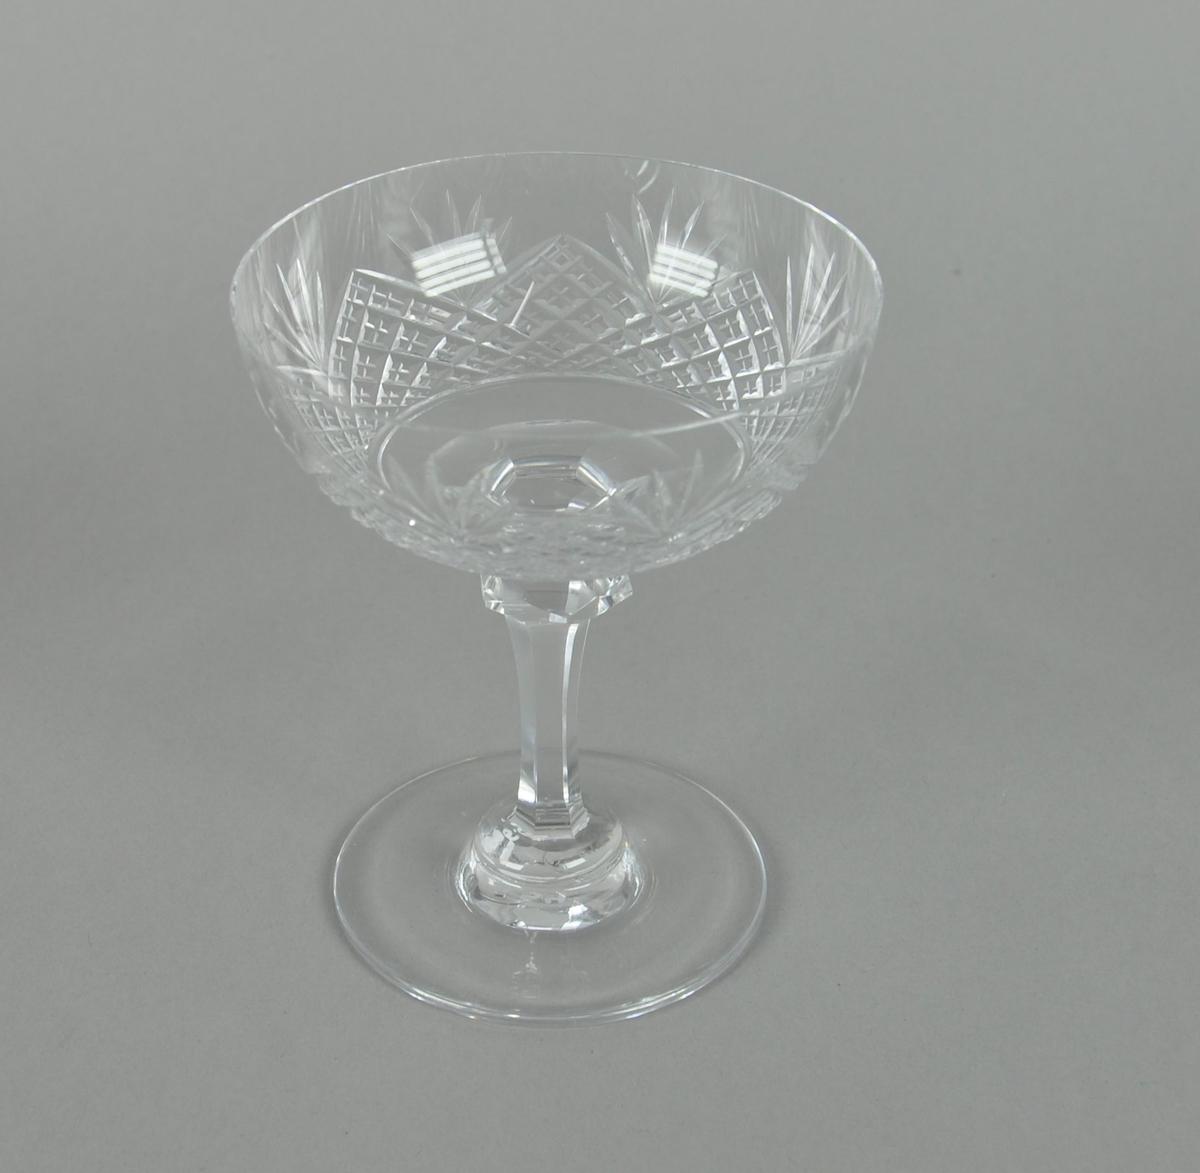 Sjampanjeglass av krystall. Glasset har rund form med sekskantet stett og rund sokkel. På utsiden av glasset er det innrisset dekor av kryssmønstre og palmetter.